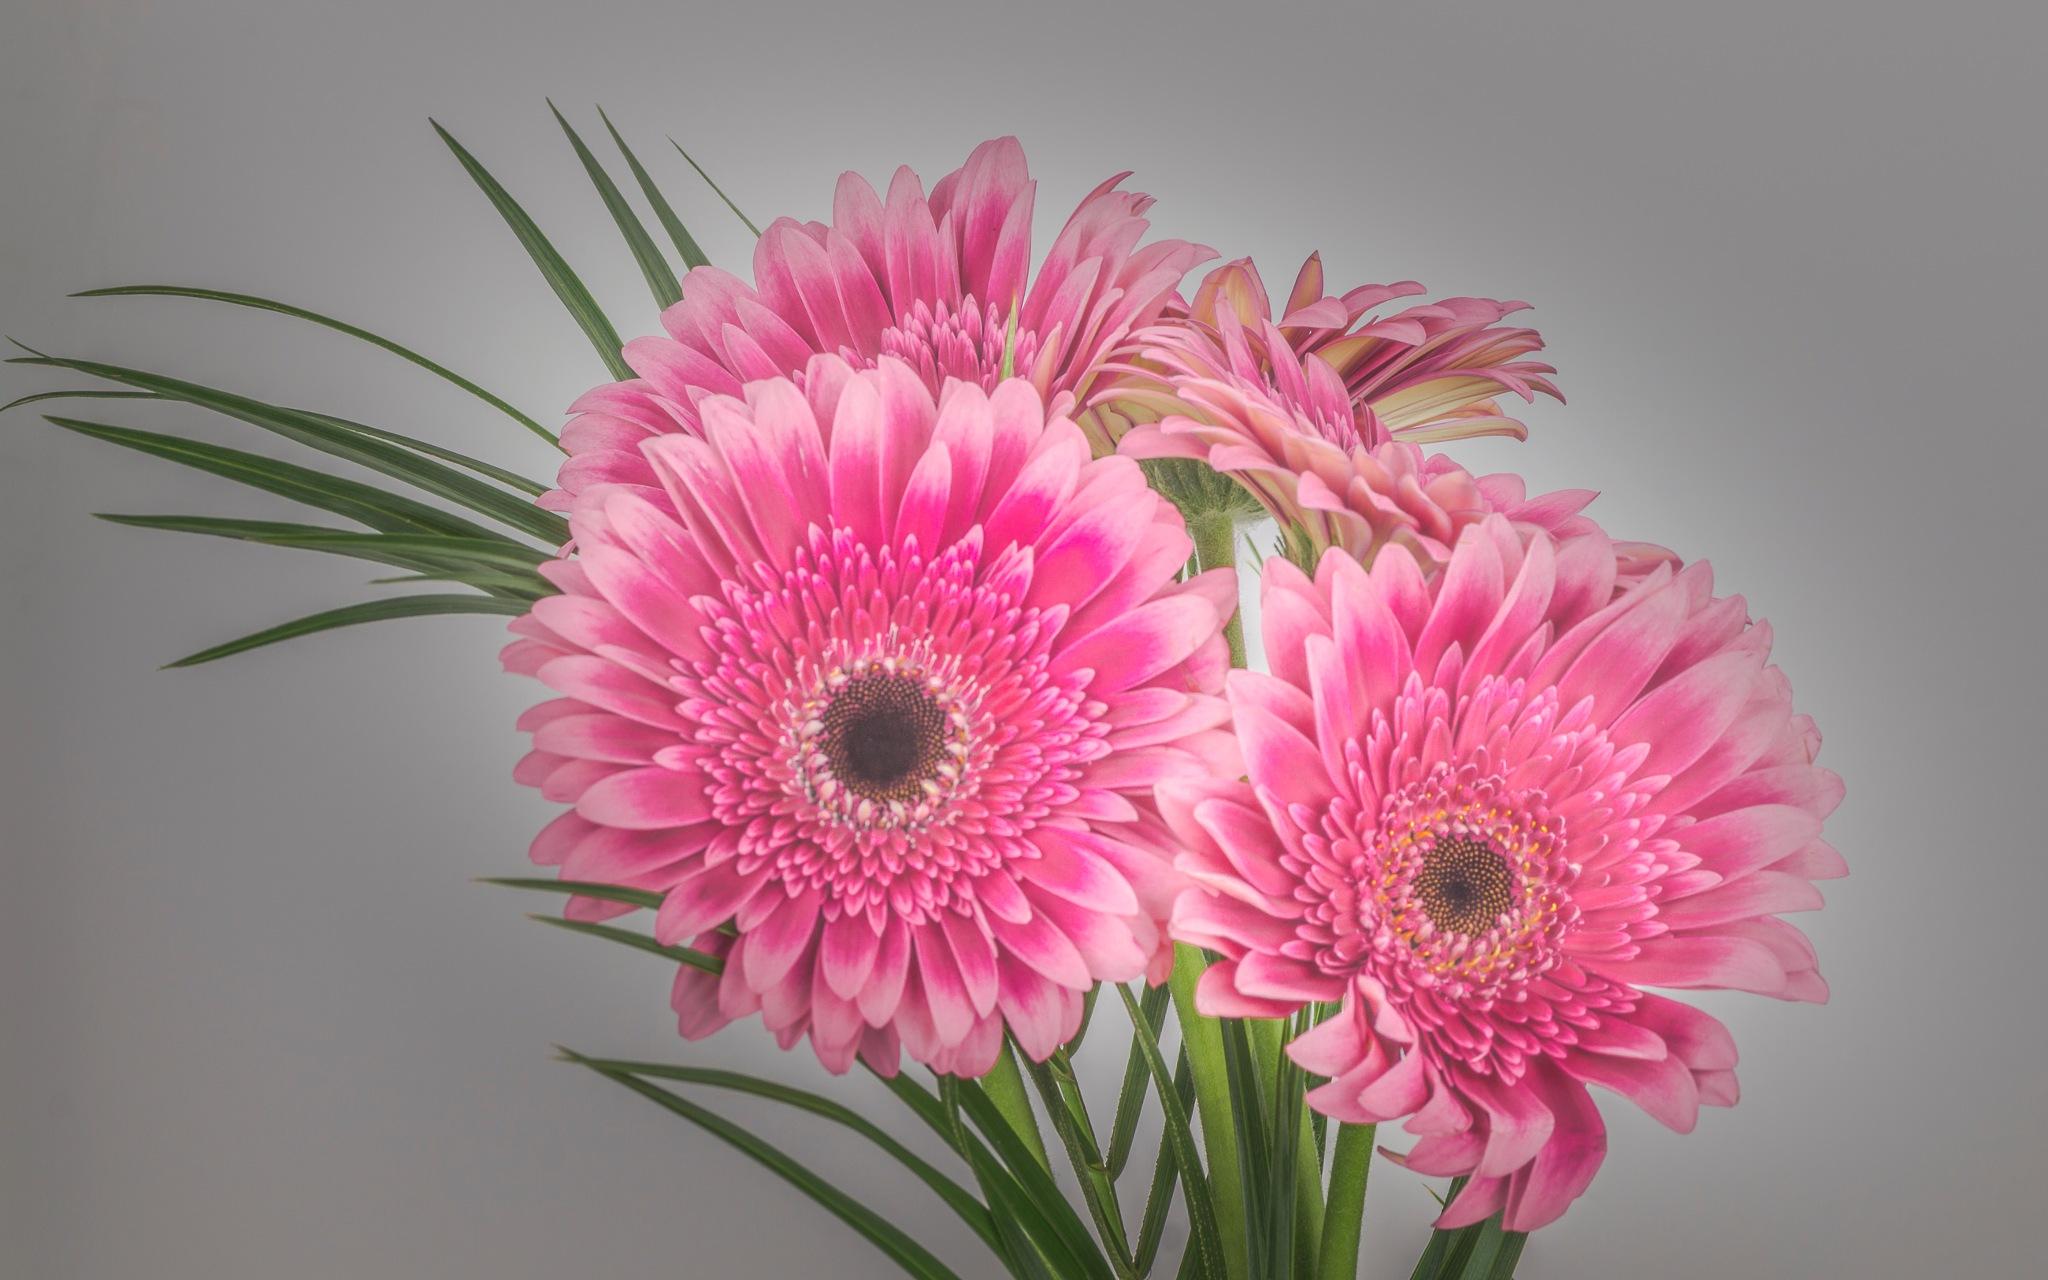 flowers by TonBoelaars